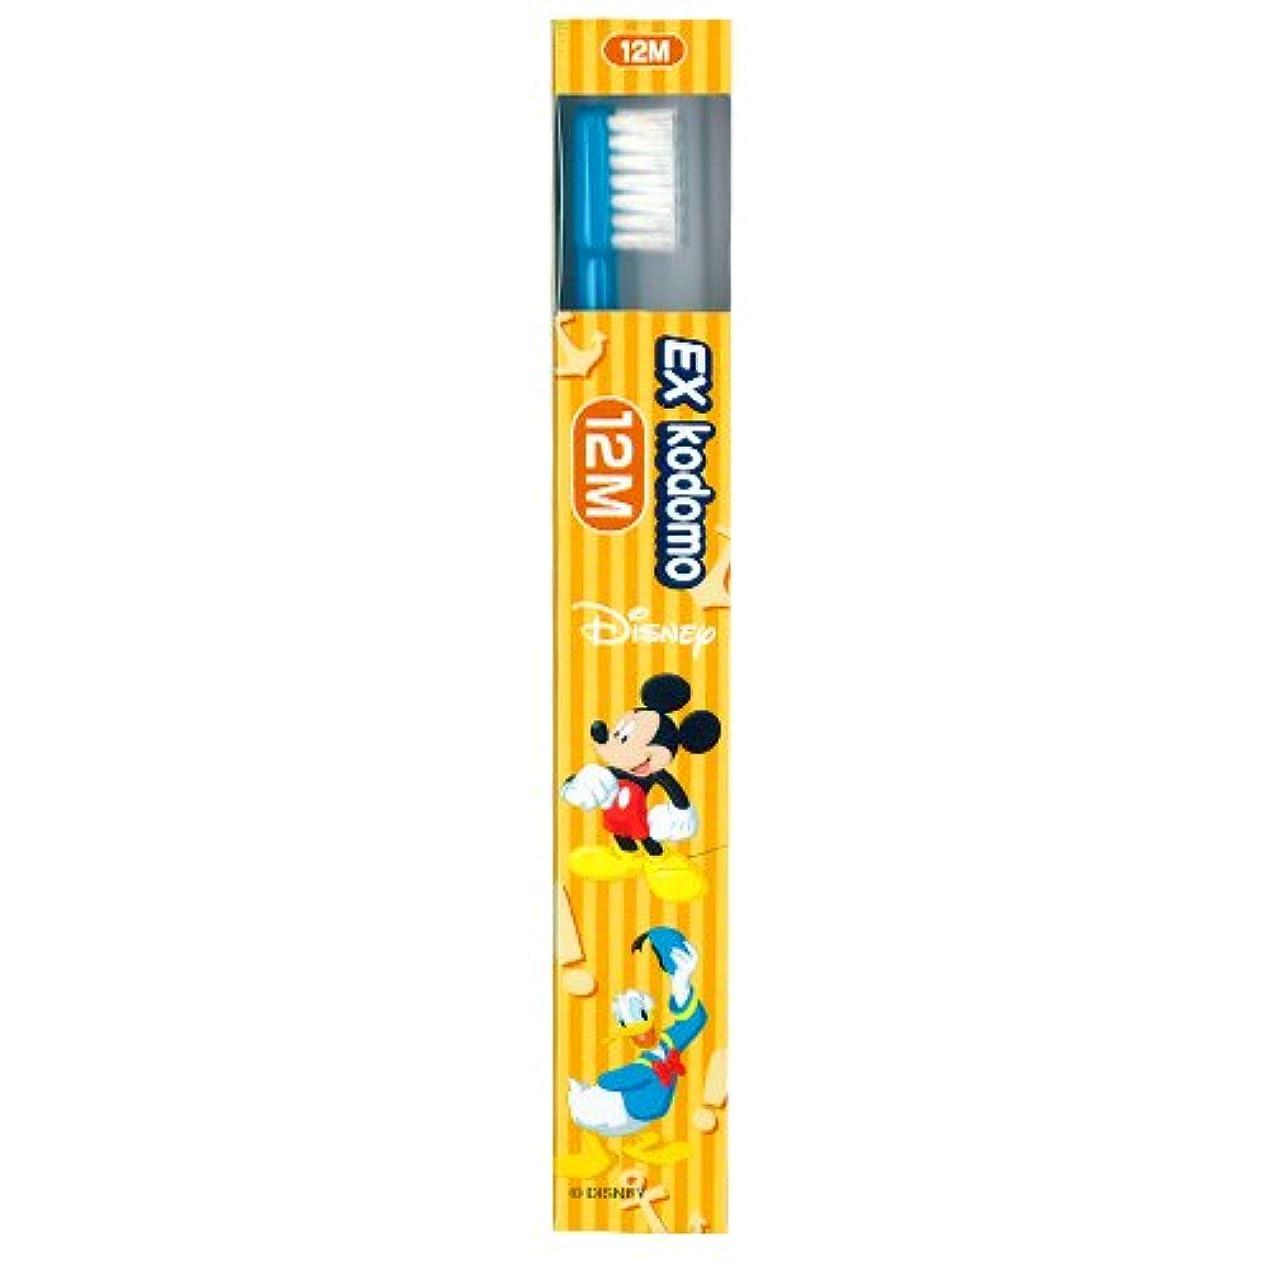 染料筋肉のミルライオン EX kodomo ディズニー 歯ブラシ 1本 12M ブルー